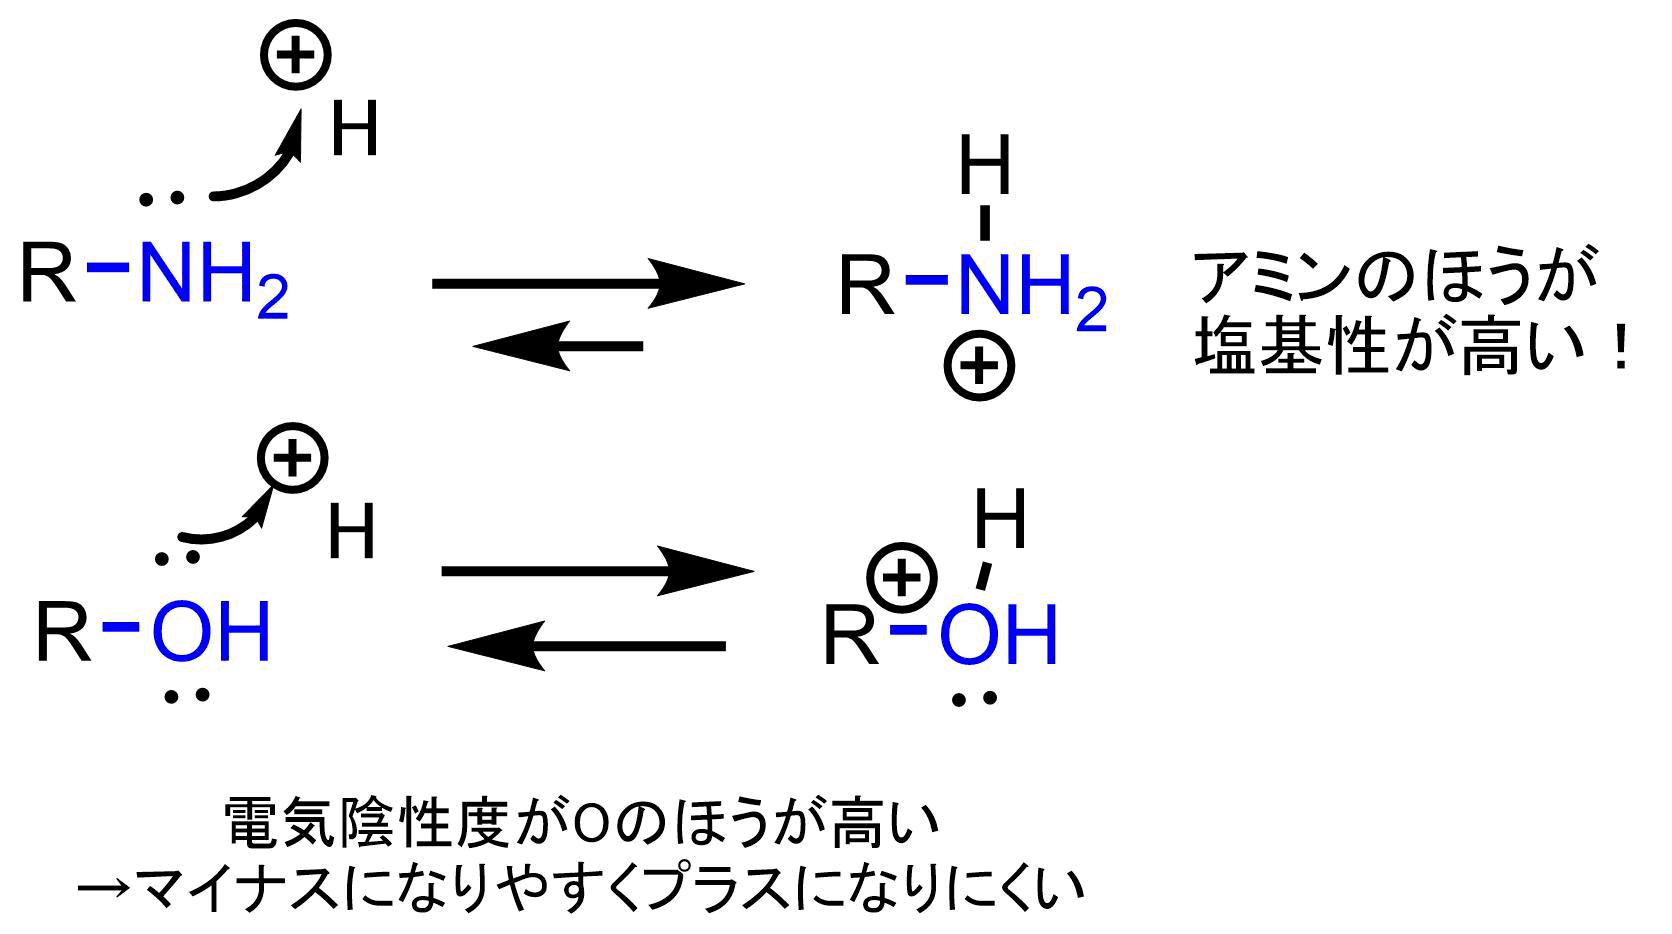 アルコールとアミンの塩基性の比較